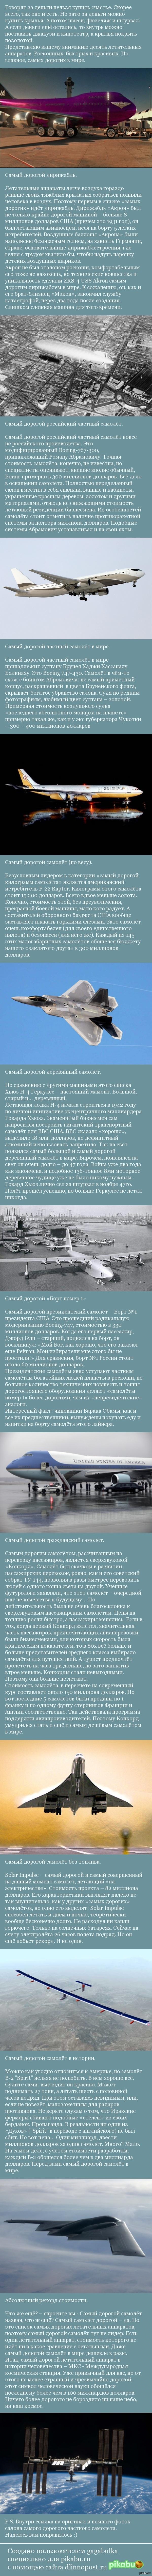 Самые дорогие летающие средства передвижения честно утащил с чьего-то ЖЖ :)